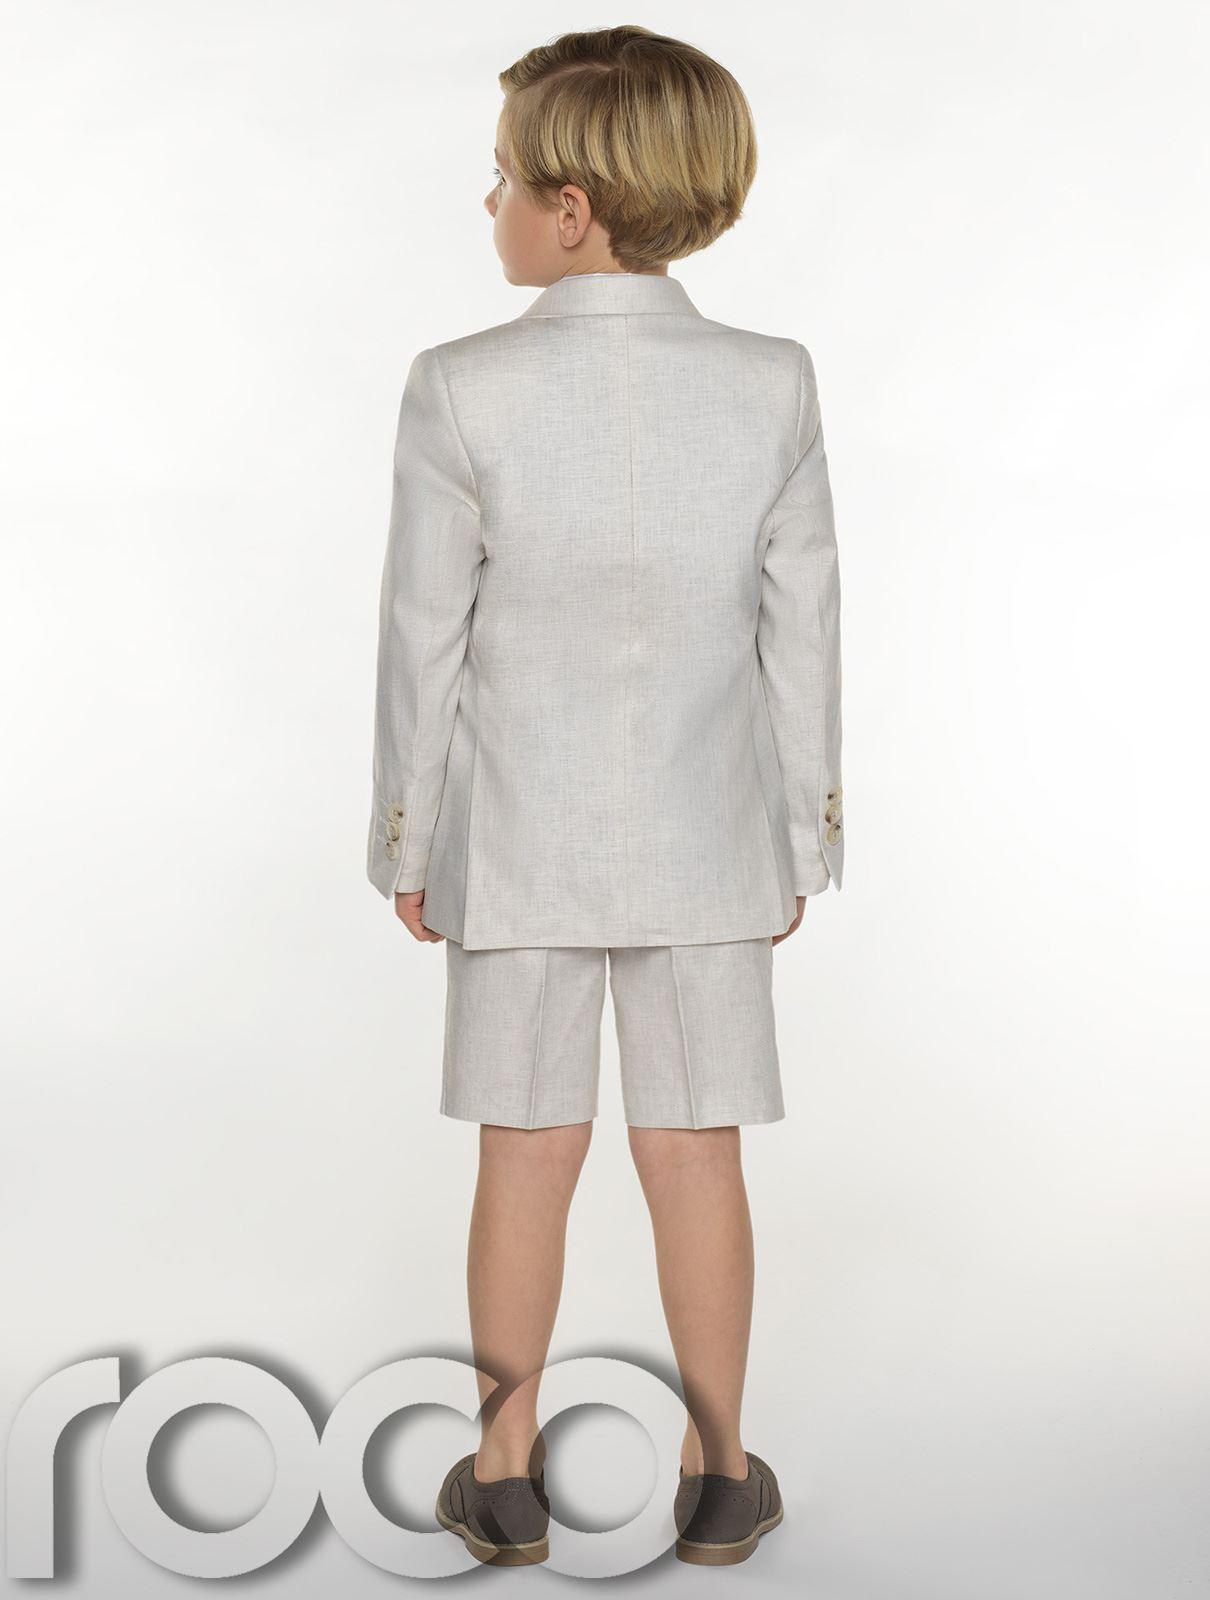 Boys-suits-boys-lin-costumes-page-garcon-tenues-garcons-formal-suits-avec-short miniature 11